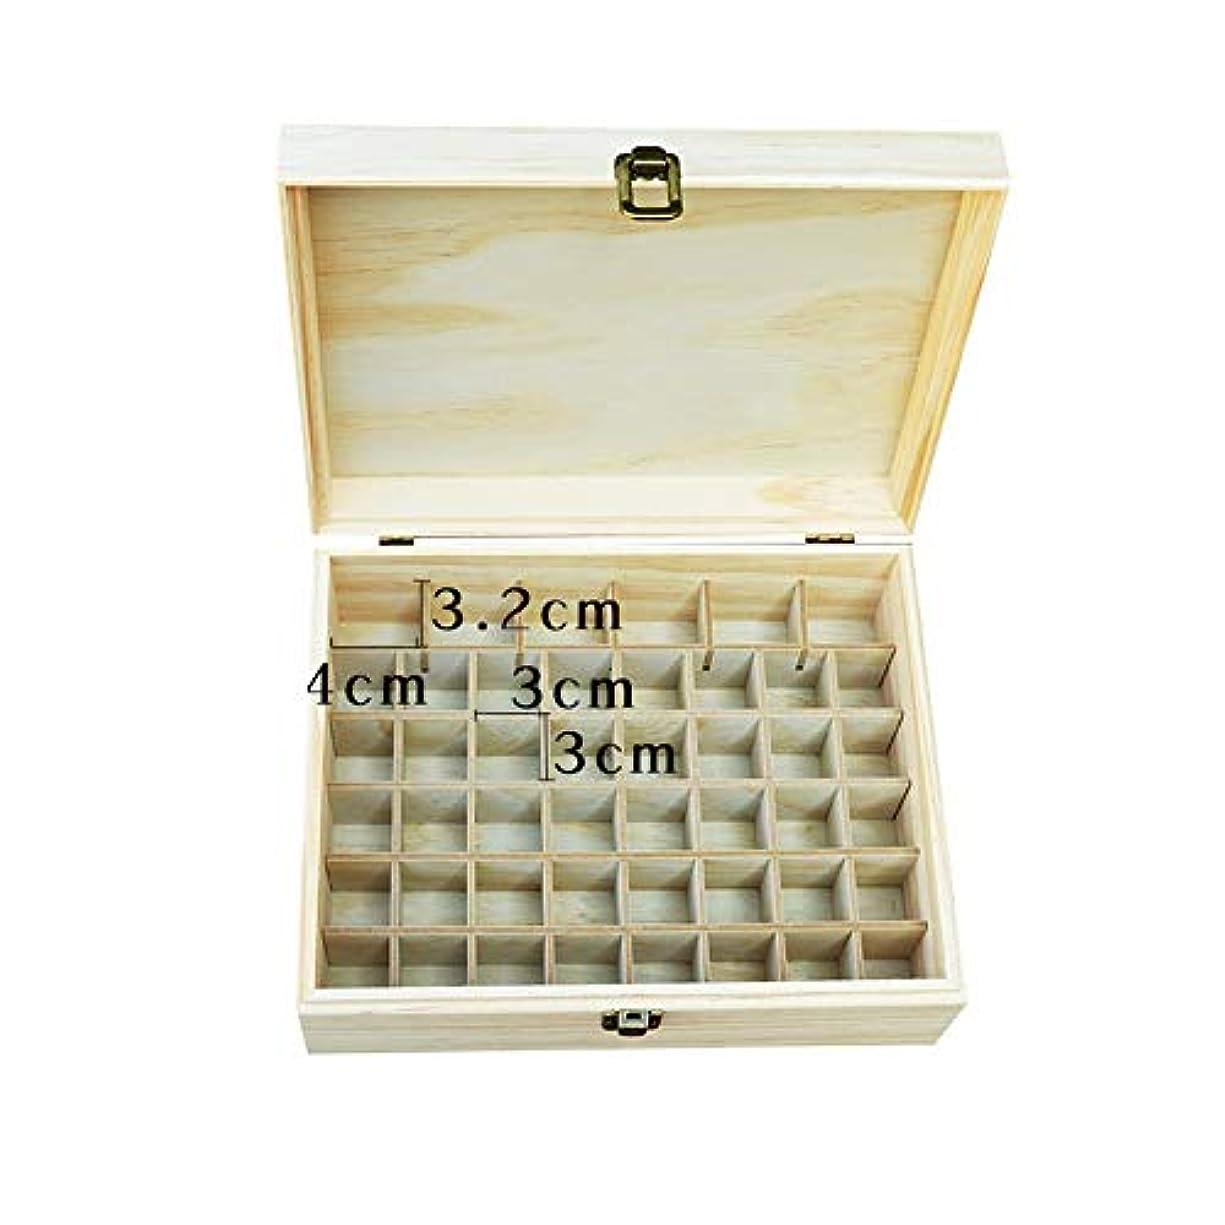 メロディアス結婚するきれいにエッセンシャルオイルストレージボックス 大46ボトル木製のエッセンシャルオイルストレージボックスを 旅行およびプレゼンテーション用 (色 : Natural, サイズ : 22.2X10.2X8.2CM)